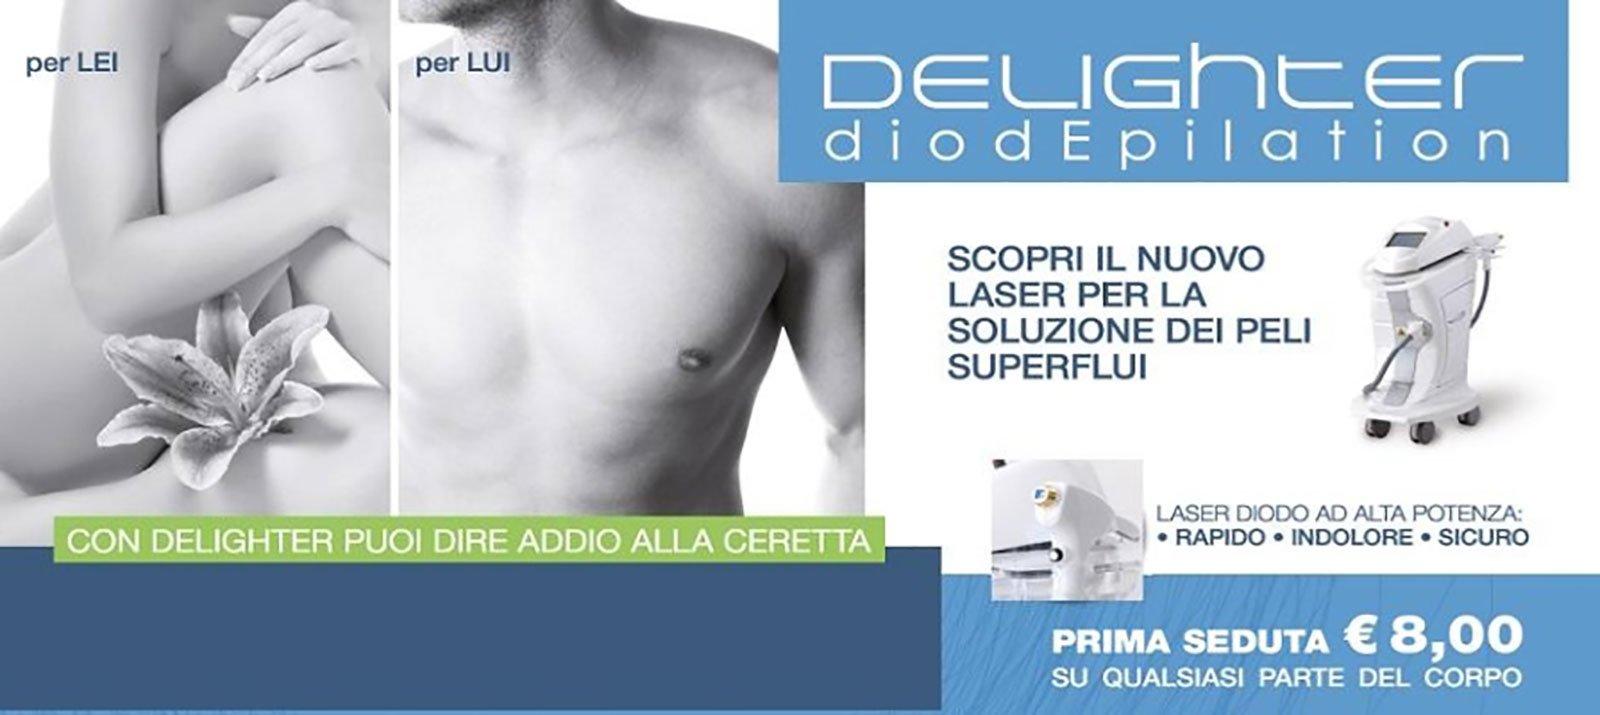 un volantino che pubblicizza Delighter diodepilation e accanto le immagini dei corpi di un uomo e una donna in bianco e nero